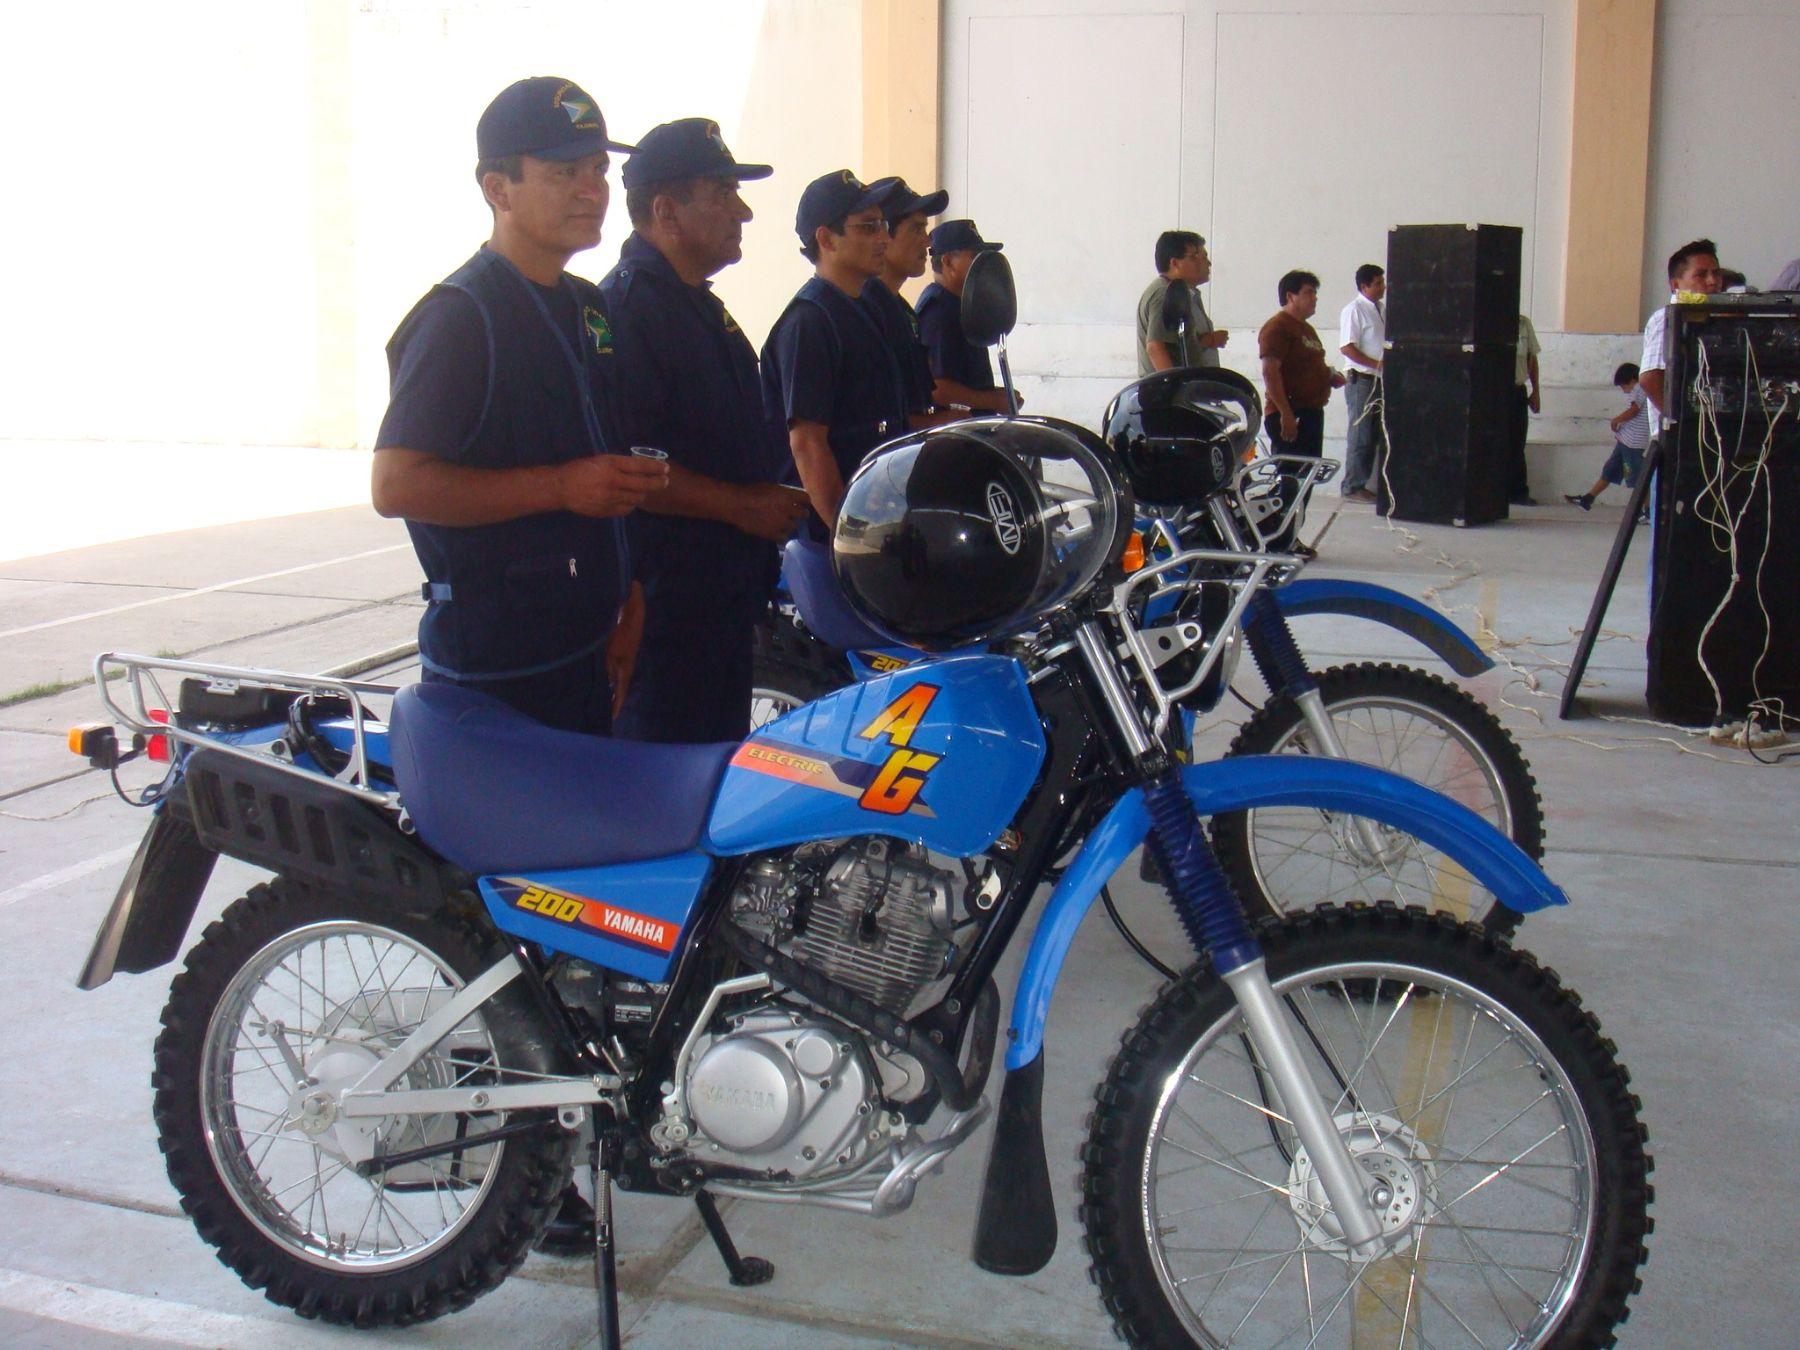 Motocicletas entregadas al Comité Distrital de Seguridad Ciudadana de Cajaruro (Amazonas). Foto: ANDINA / Conasec.